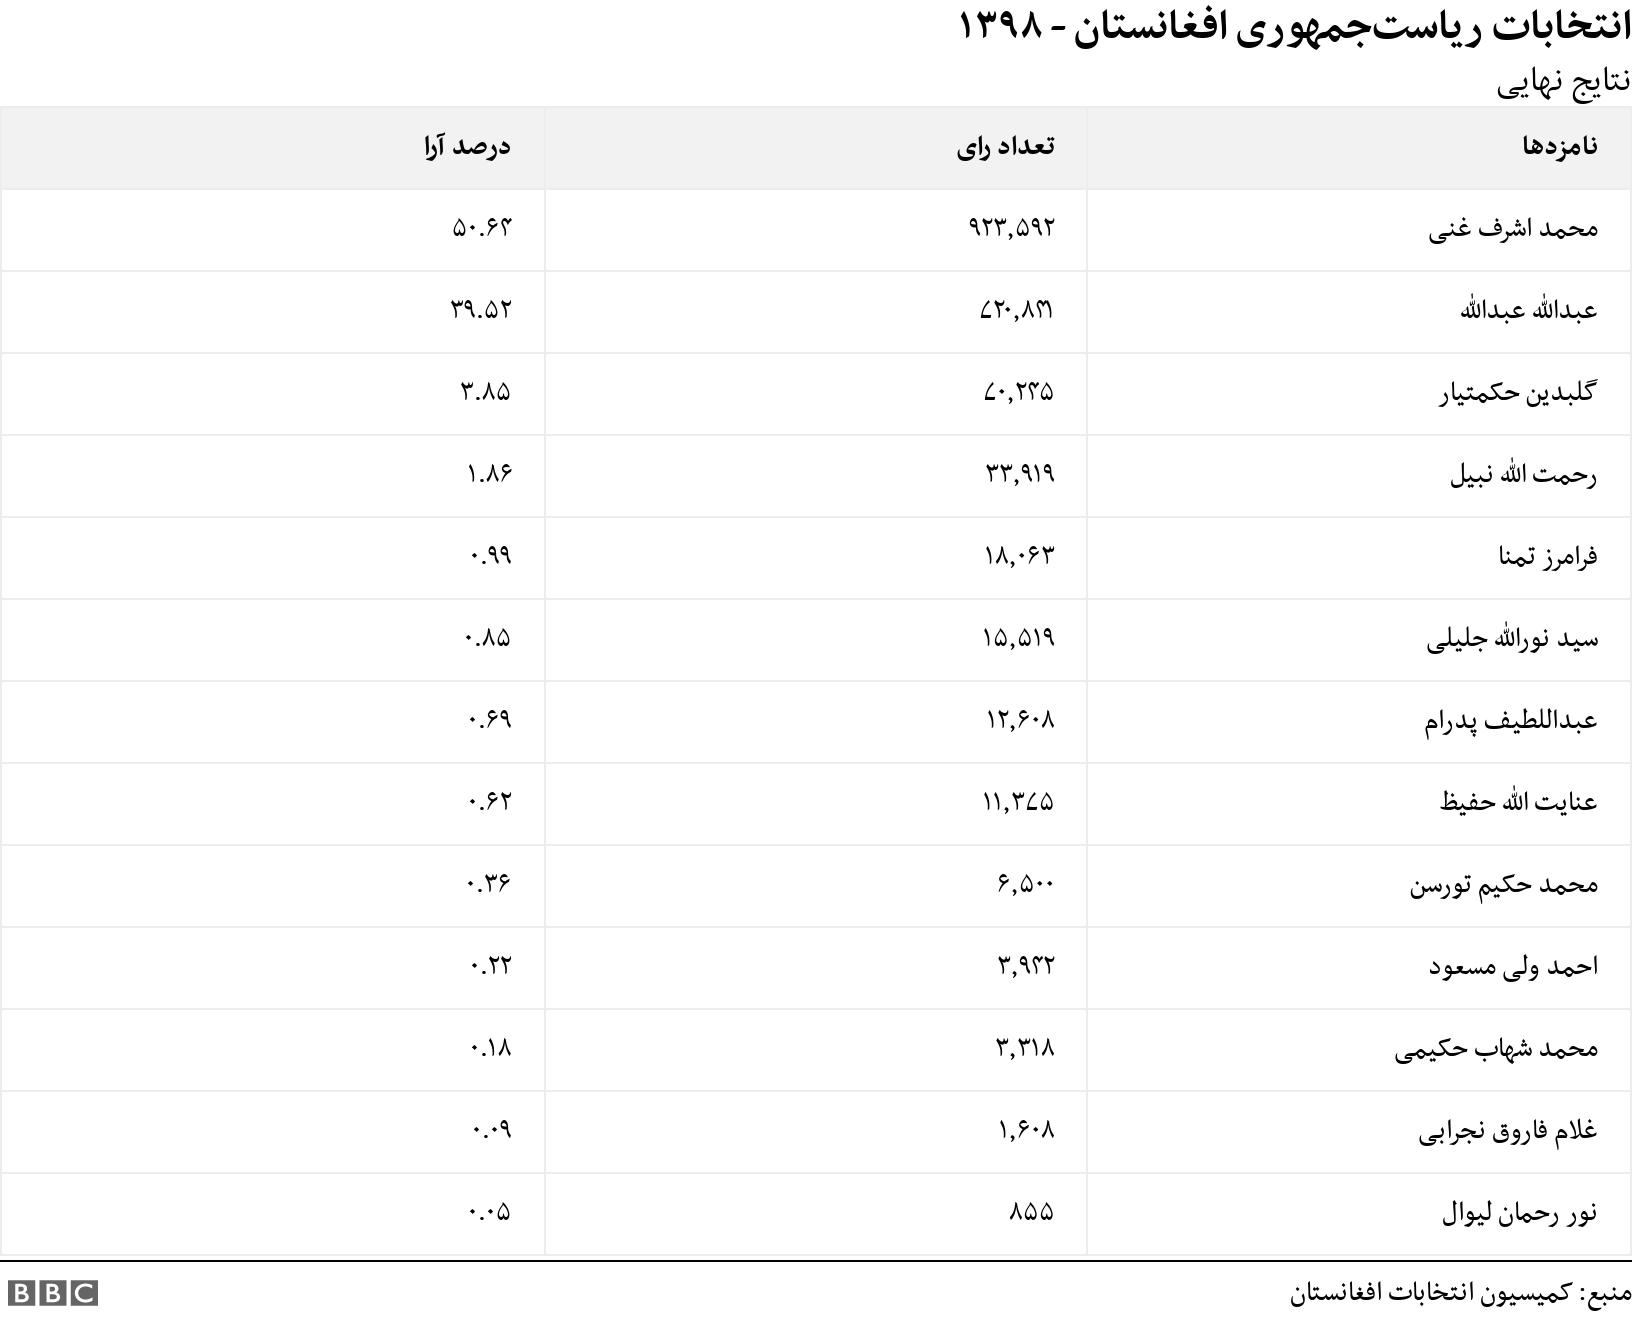 انتخابات ریاستجمهوری افغانستان - ۱۳۹۸. نتایج نهایی .  .